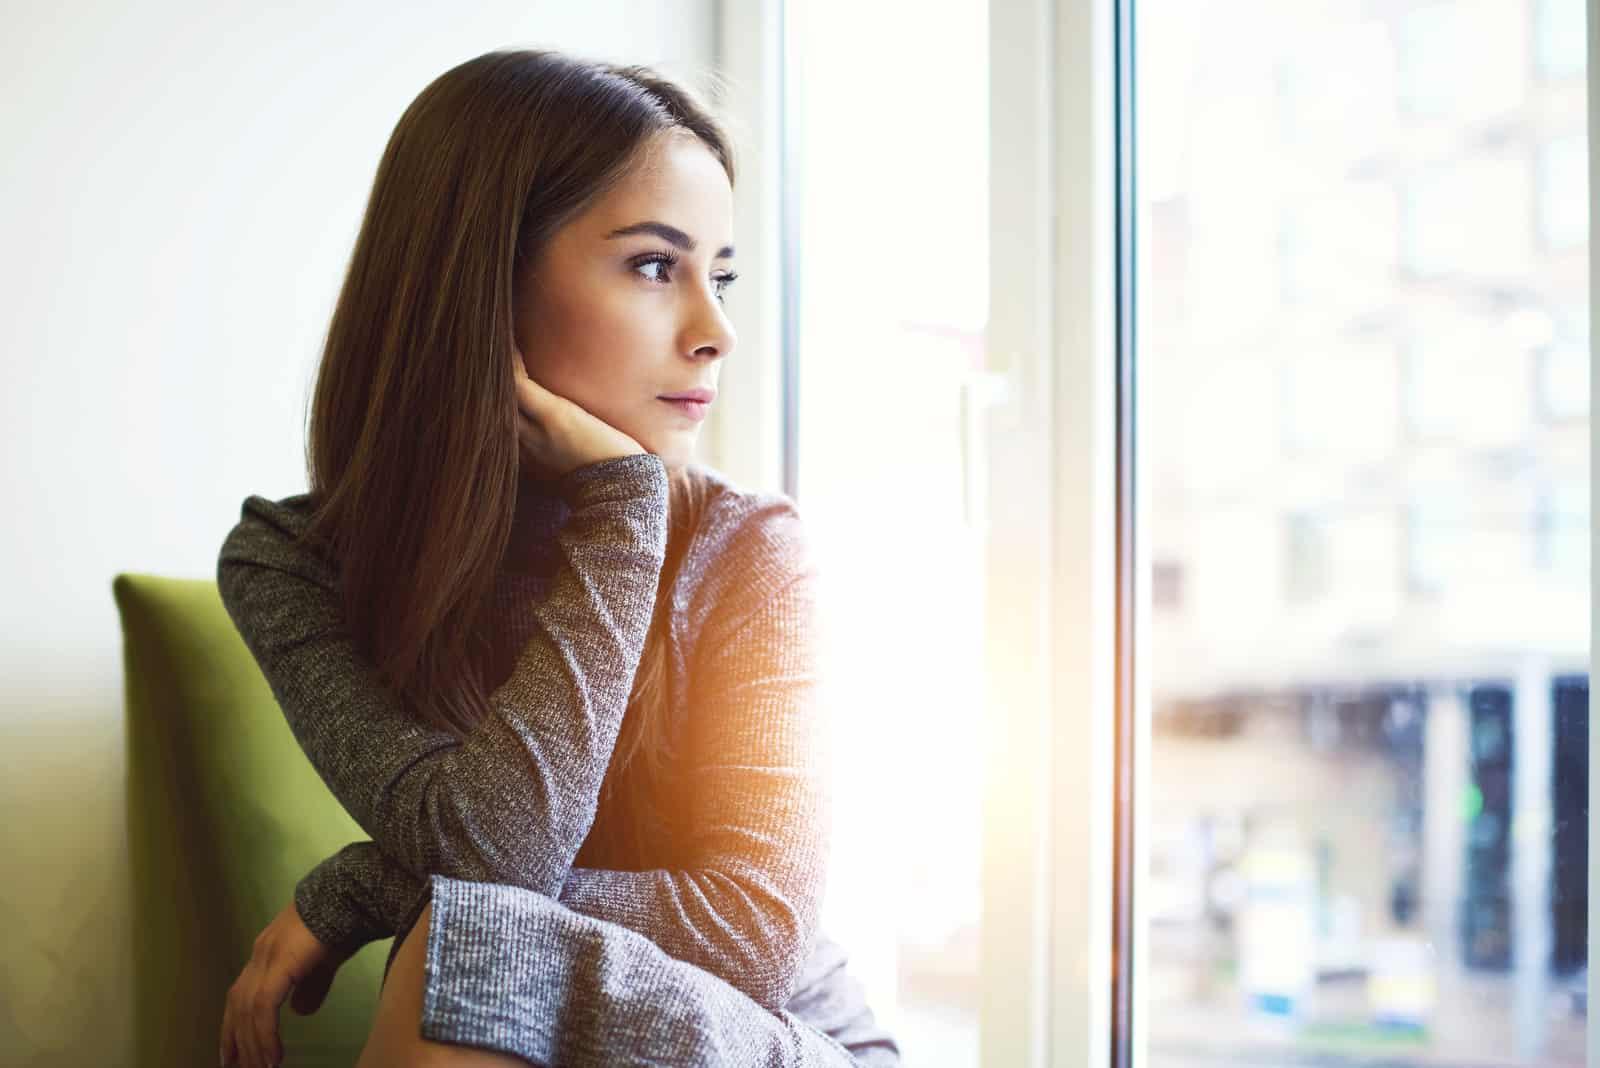 nachdenkliche Frau, die durch das Fenster schaut